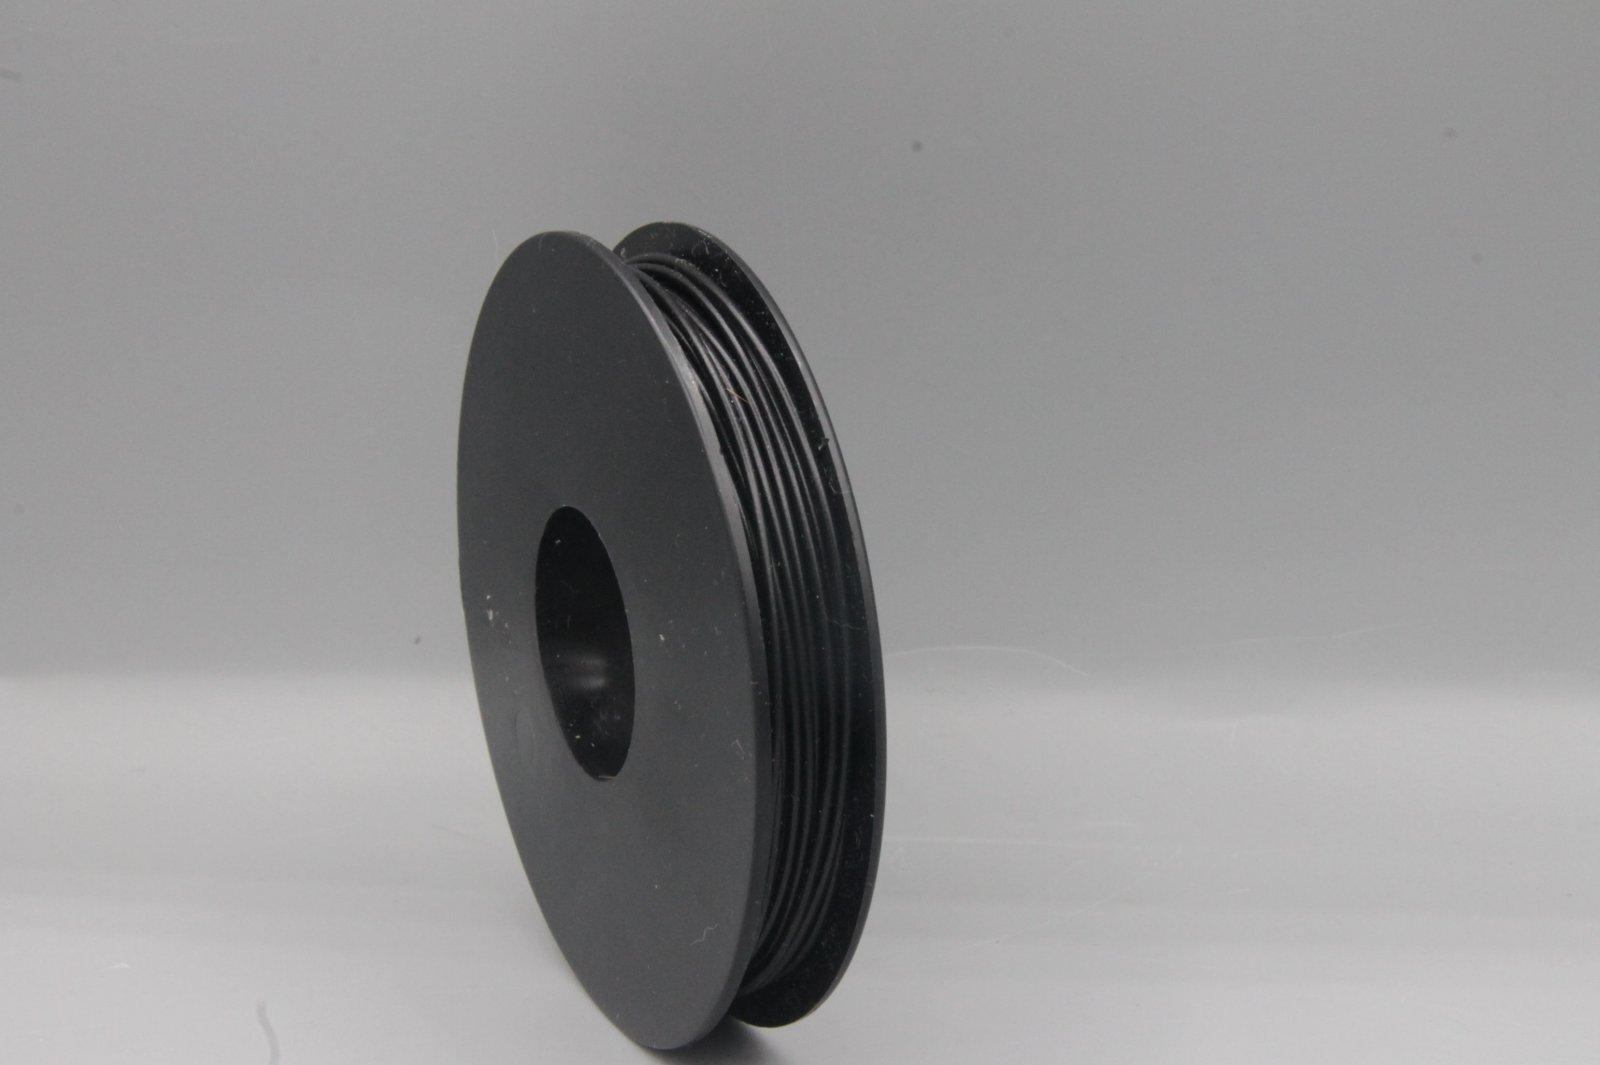 25 m Spule LIYV Kabel Litze flexibel schwarzt 0,25 mm² Kupferlitze Kabel